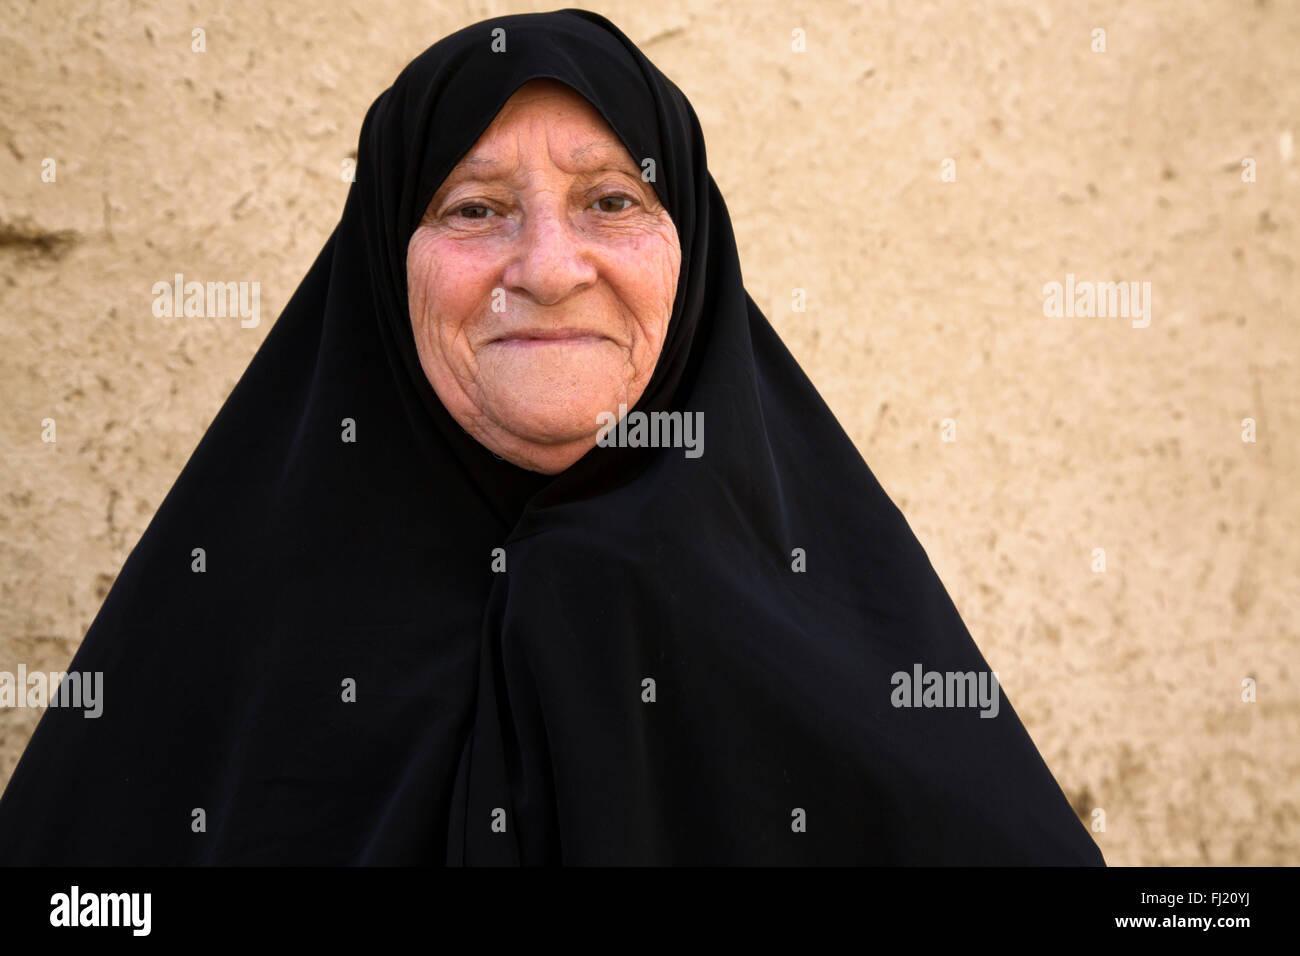 Portrait de vieille femme iranienne couverte de noir traditionnel hijab voile islamique à Yazd, Iran Photo Stock